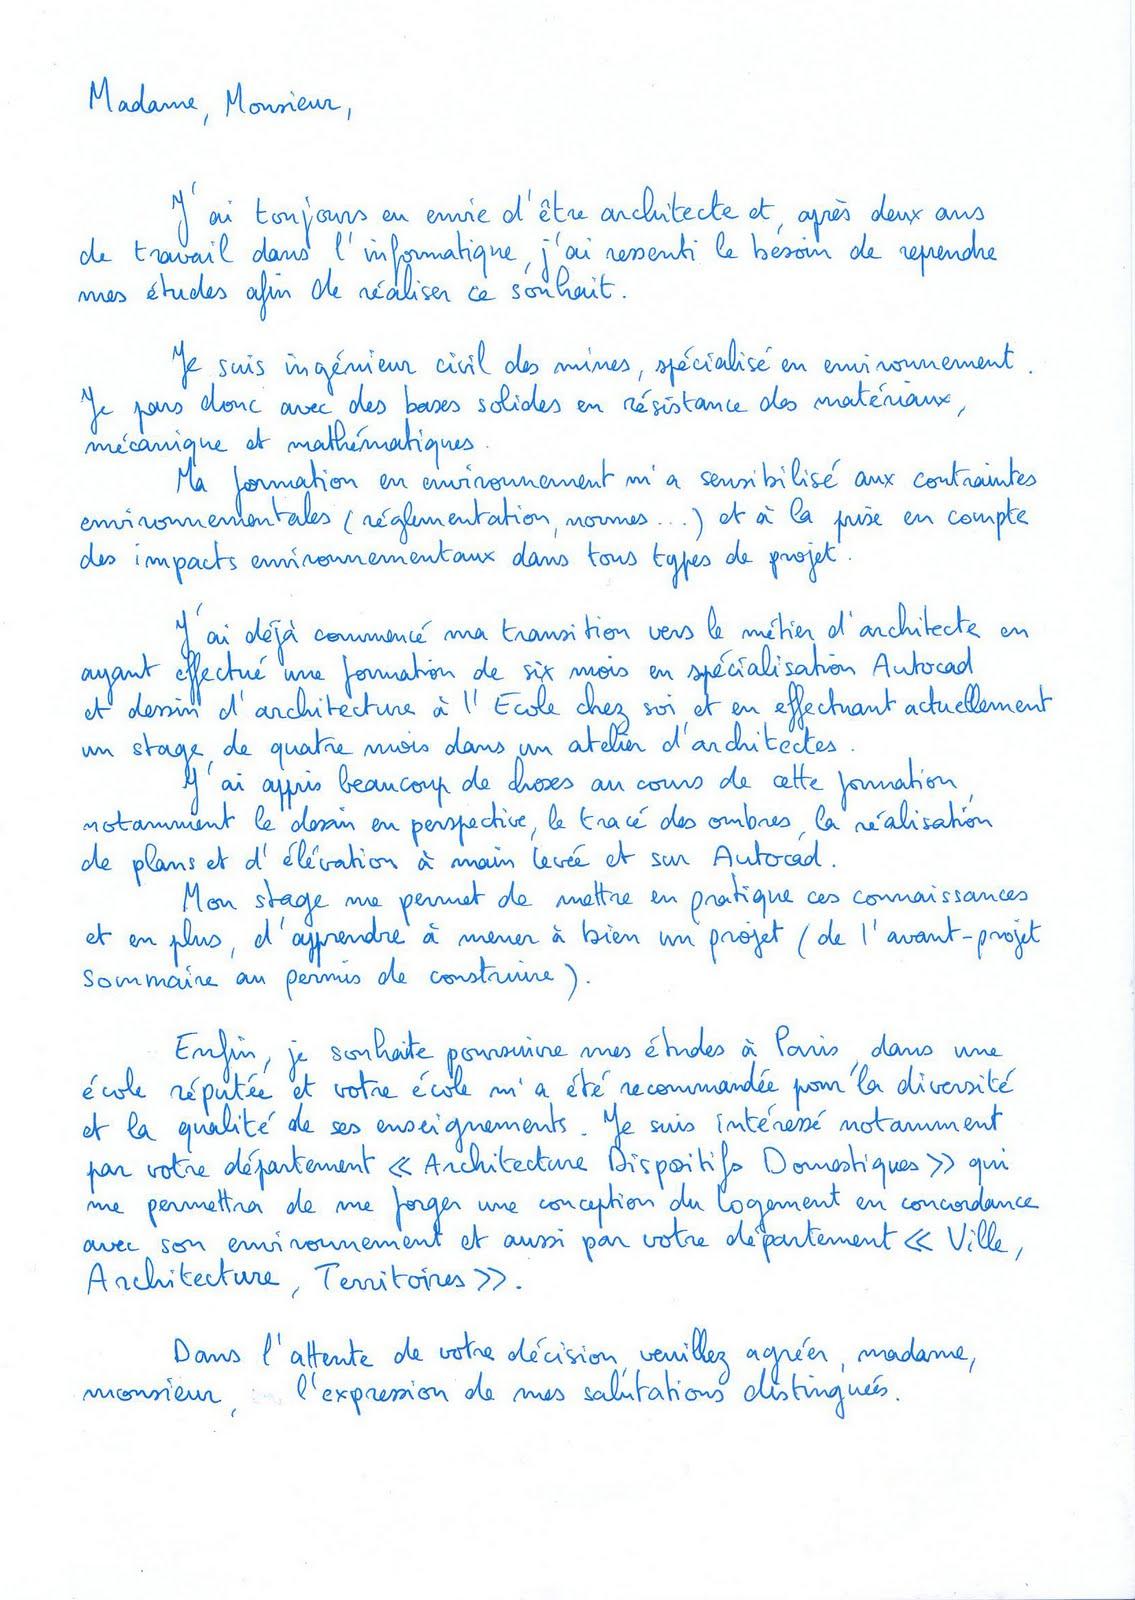 lettre de motivation  u00e9cole d architecture